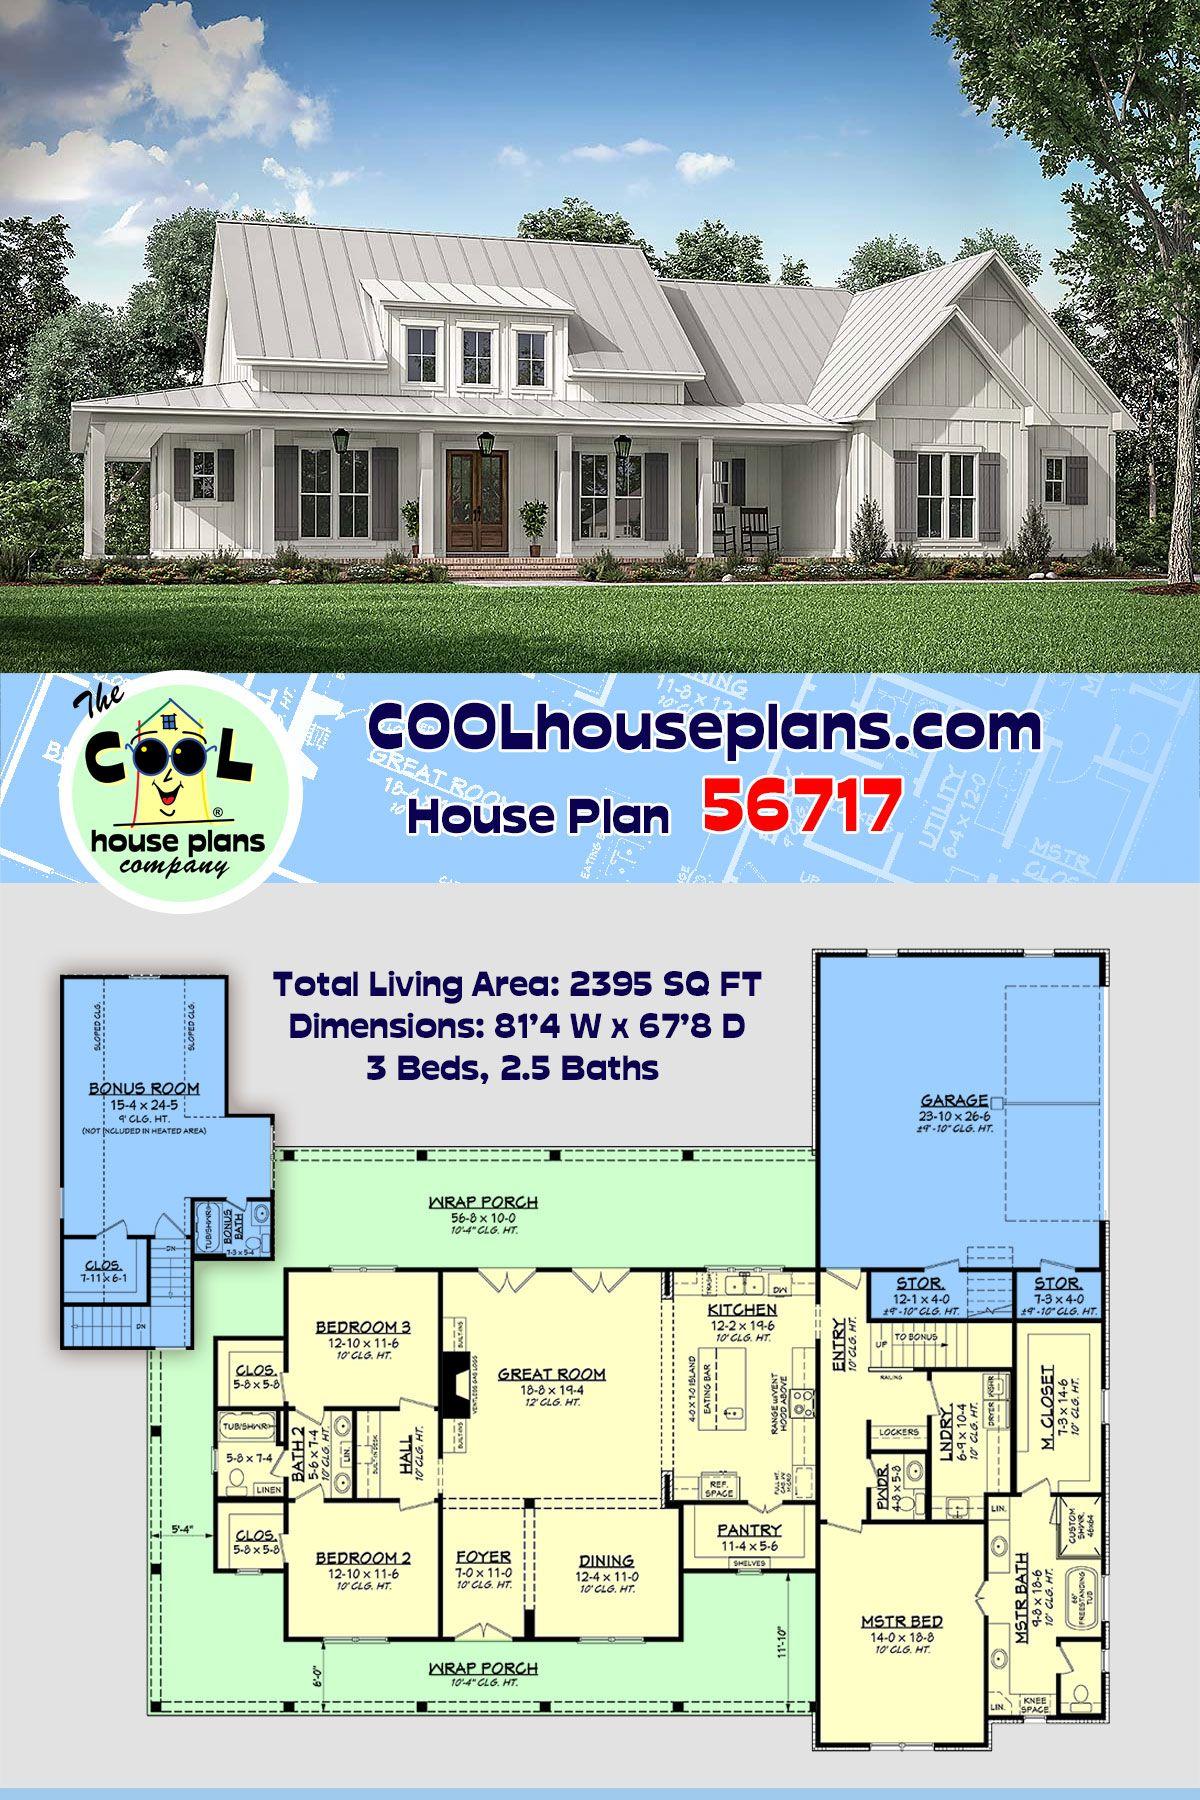 Farmhouse Style House Plan 56717 With 3 Bed 3 Bath 2 Car Garage In 2020 Farmhouse Style House My House Plans Farmhouse Plans